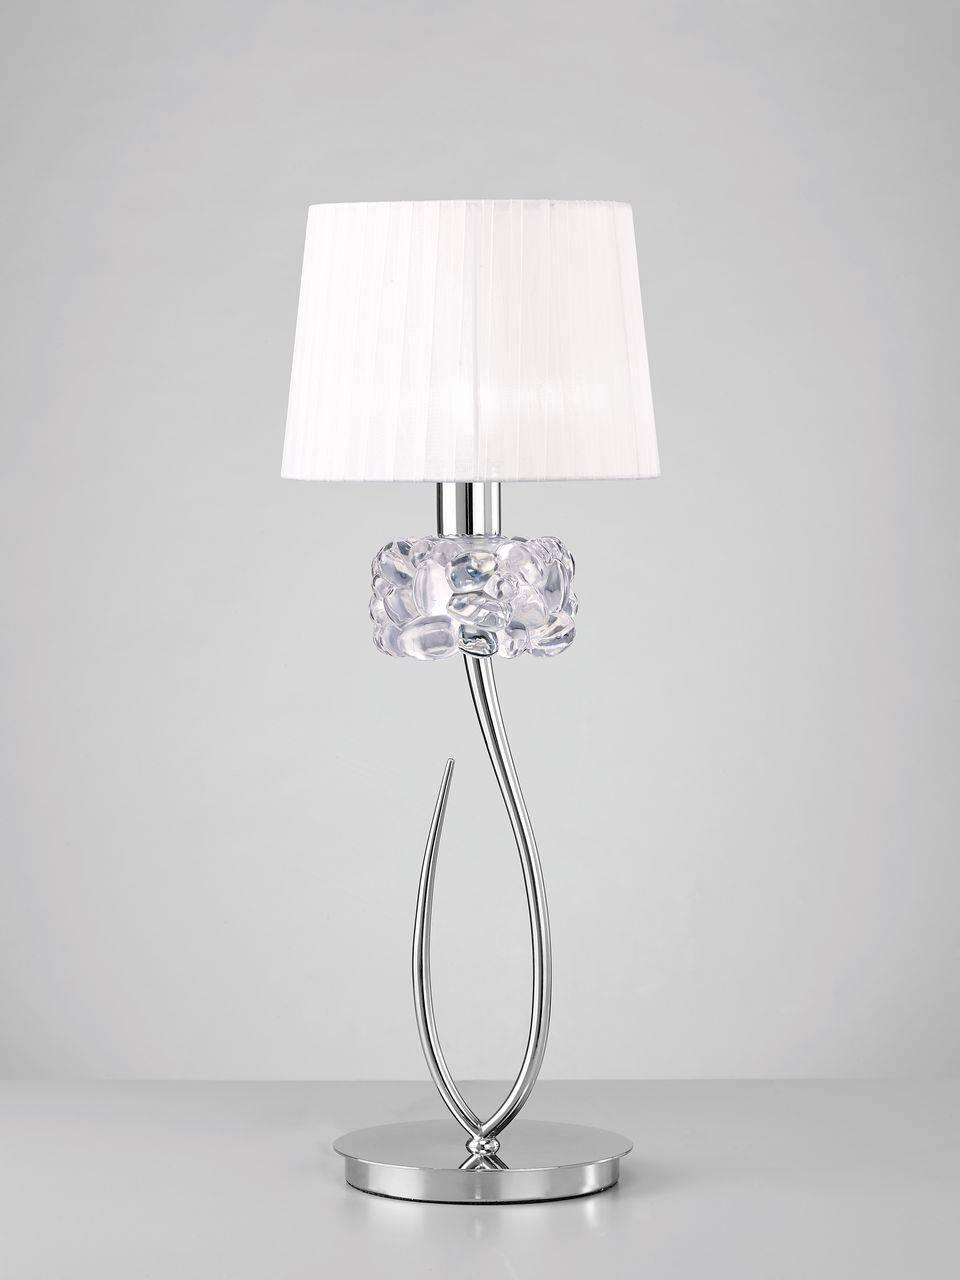 Настольная лампа Mantra Loewe 4636 цена